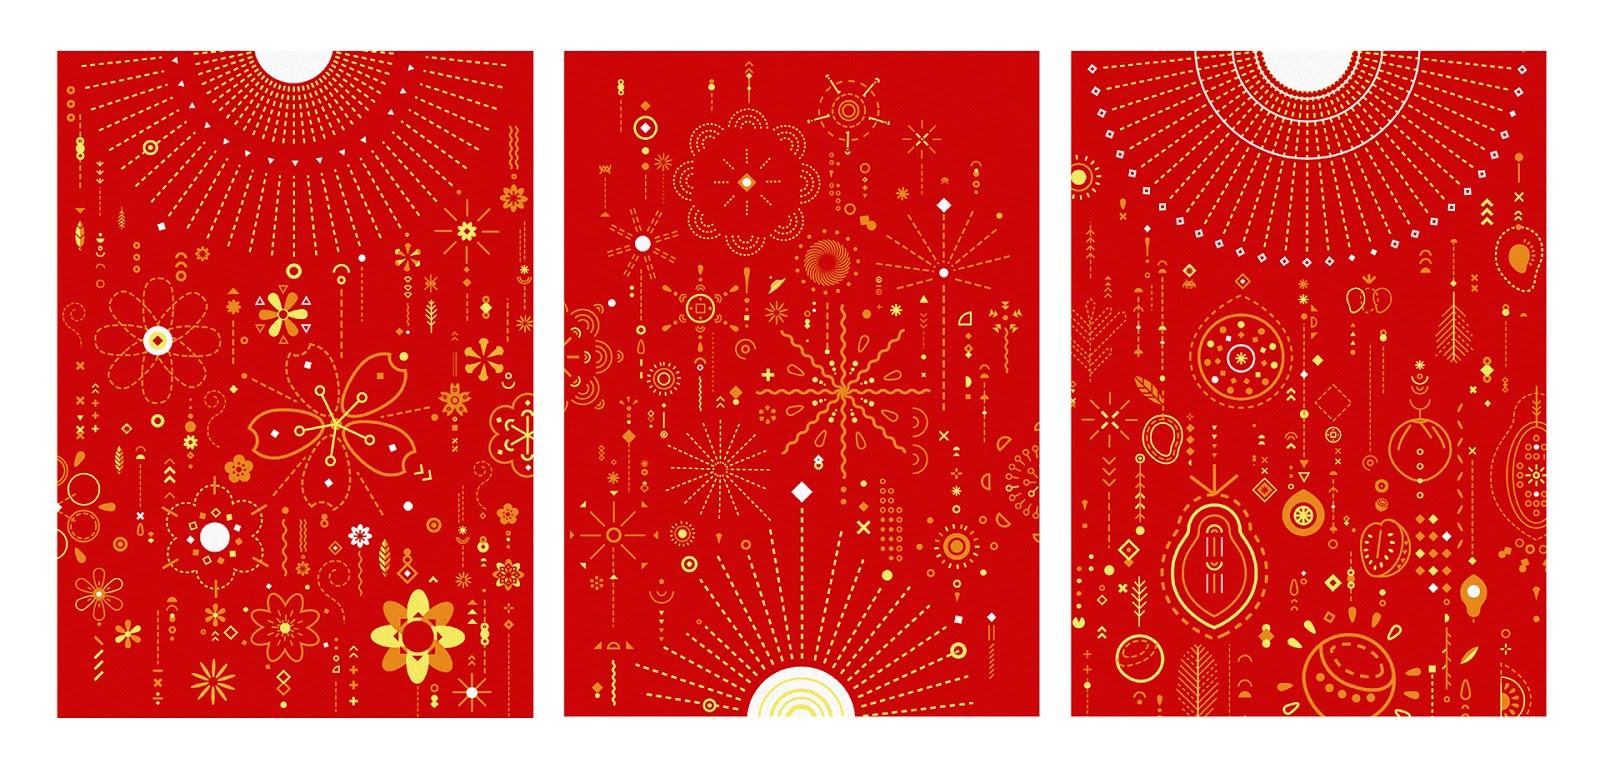 可口可乐2017春节限量版包装图片